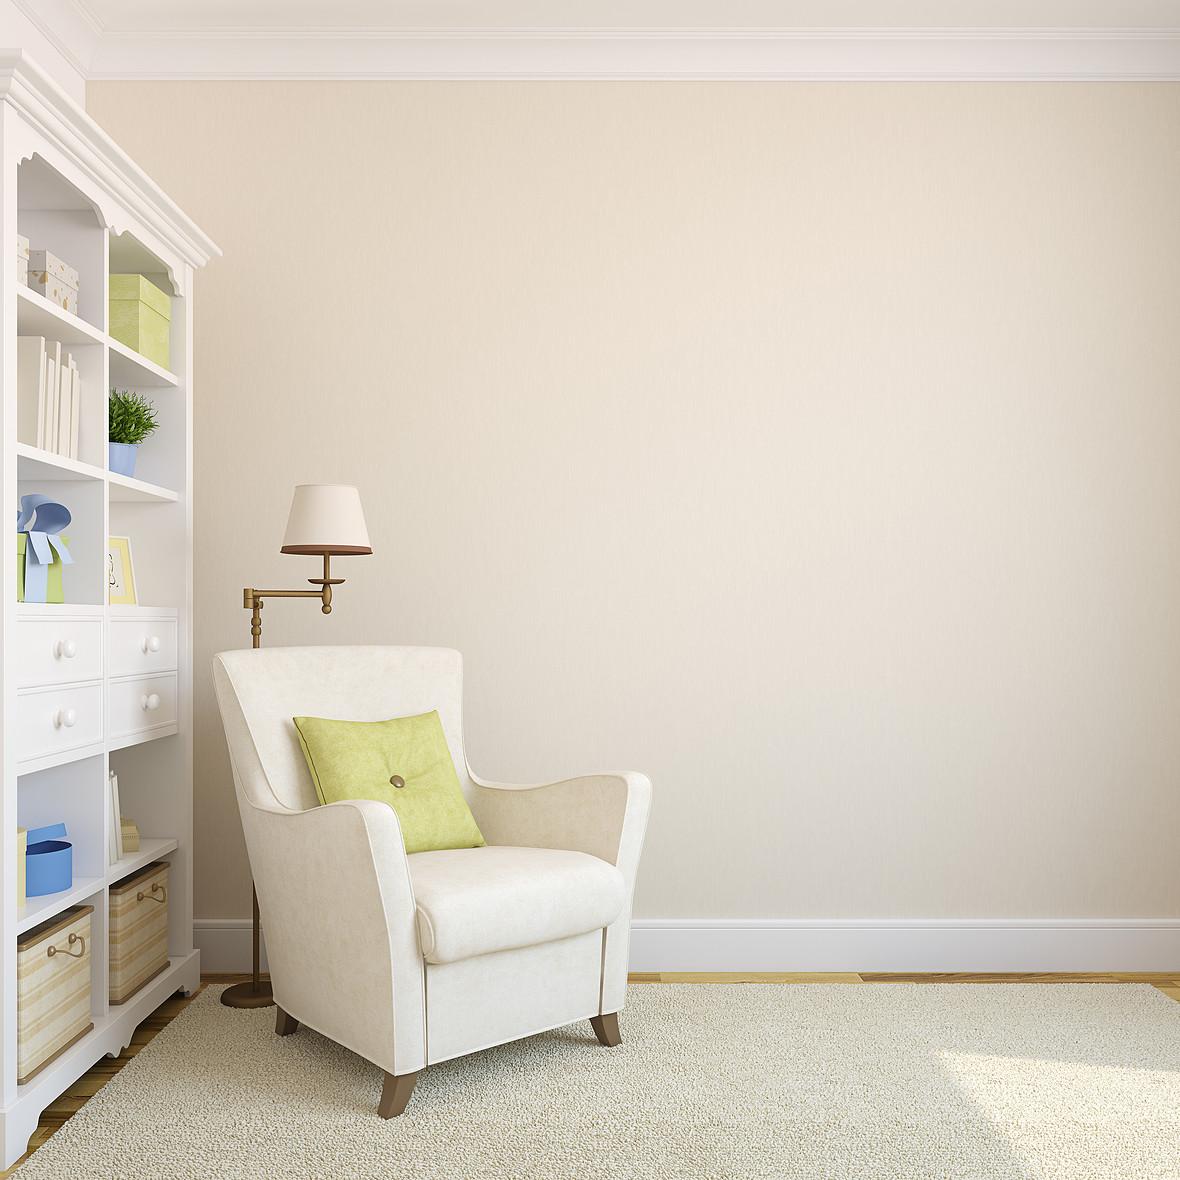 简约室内一角的沙发场景背景素材